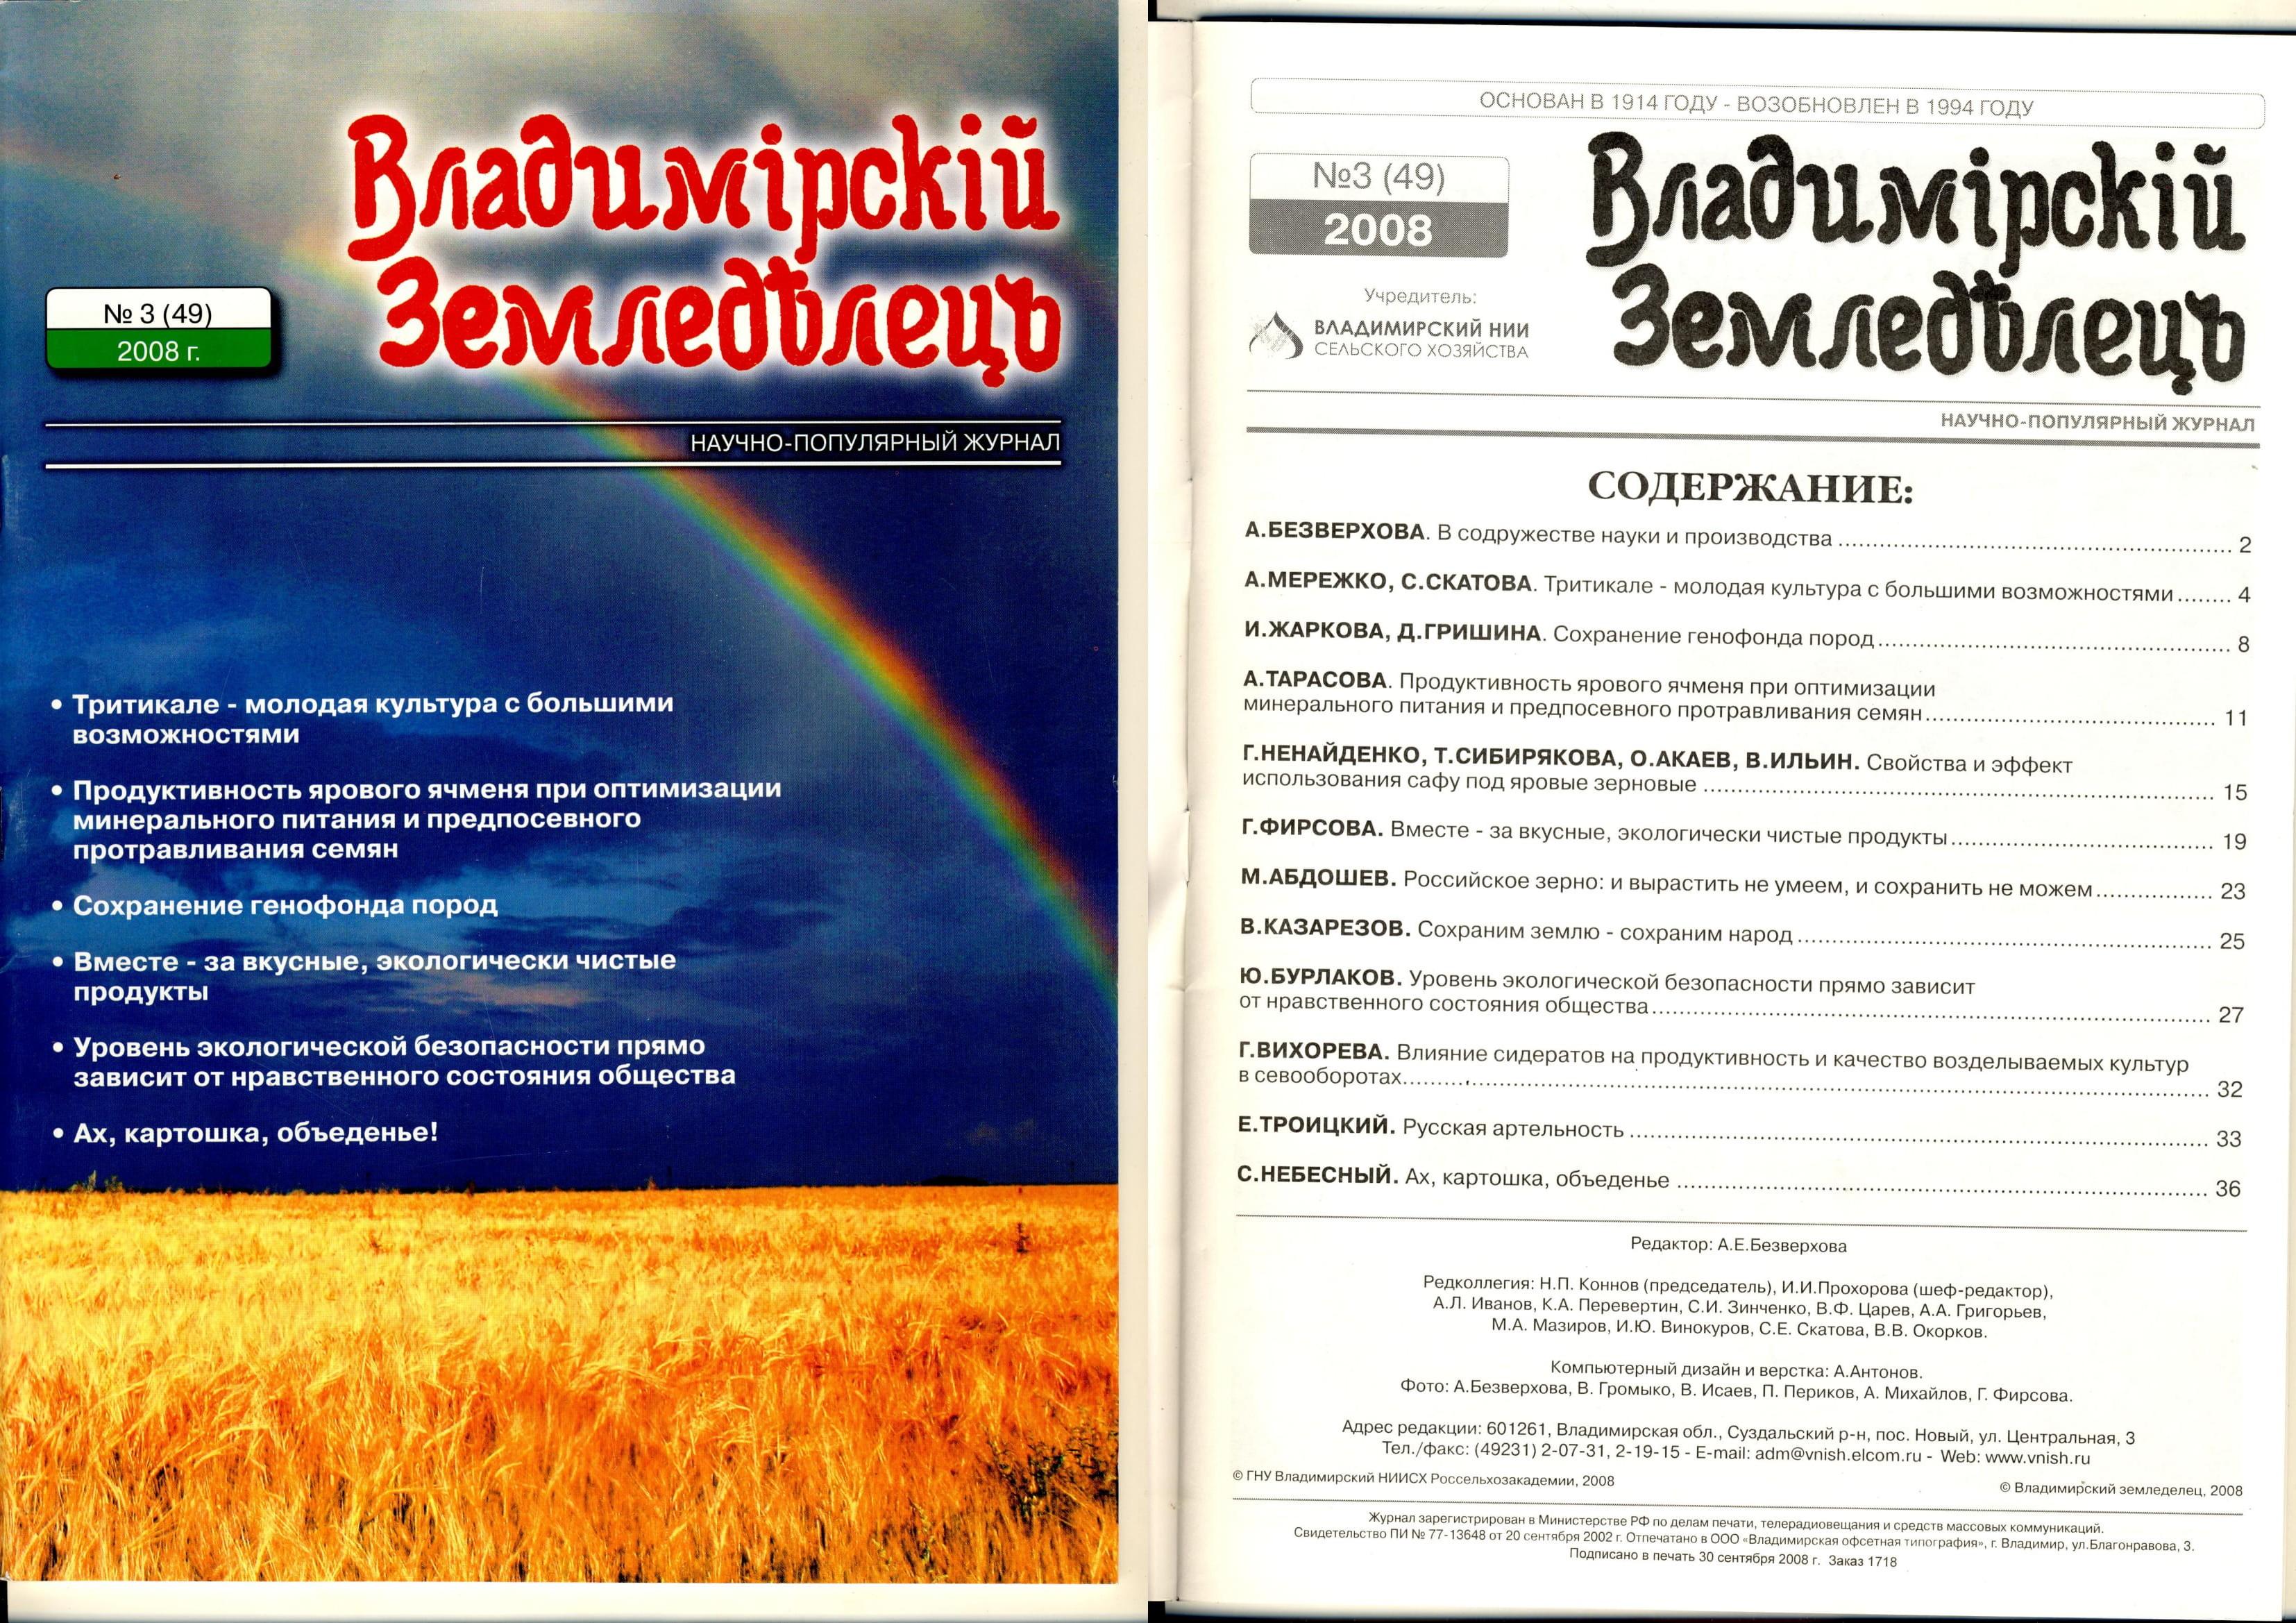 Владимирский земледелец 3(49) 2008